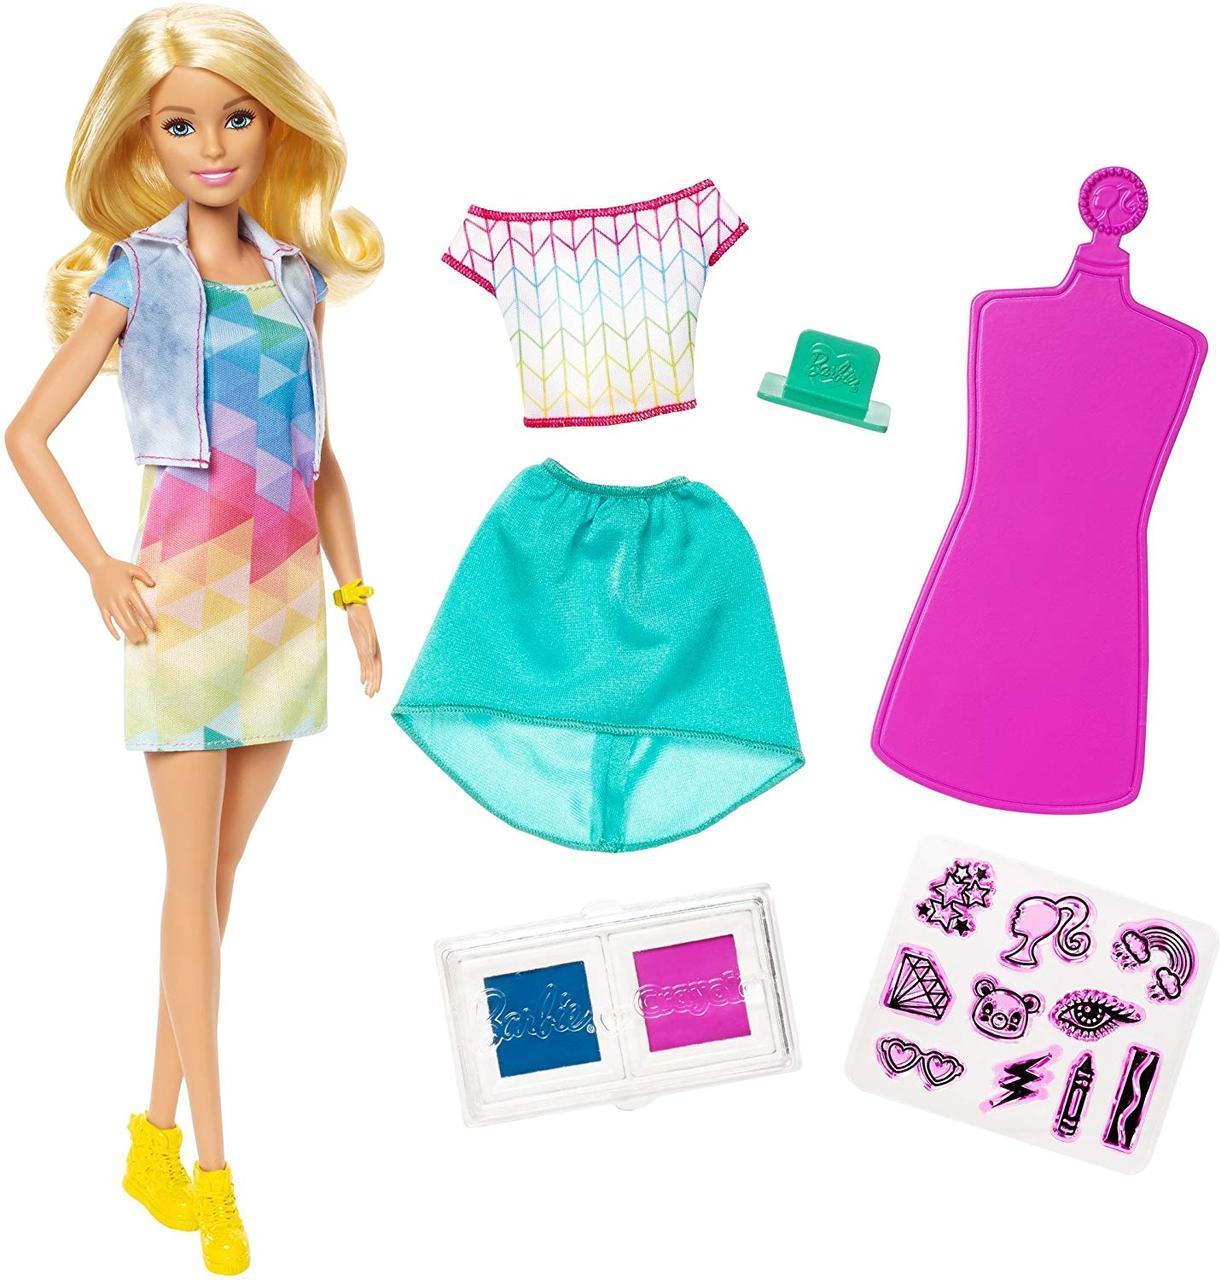 Кукла барби дизайнер одежды, раскраска одежды Barbie ...